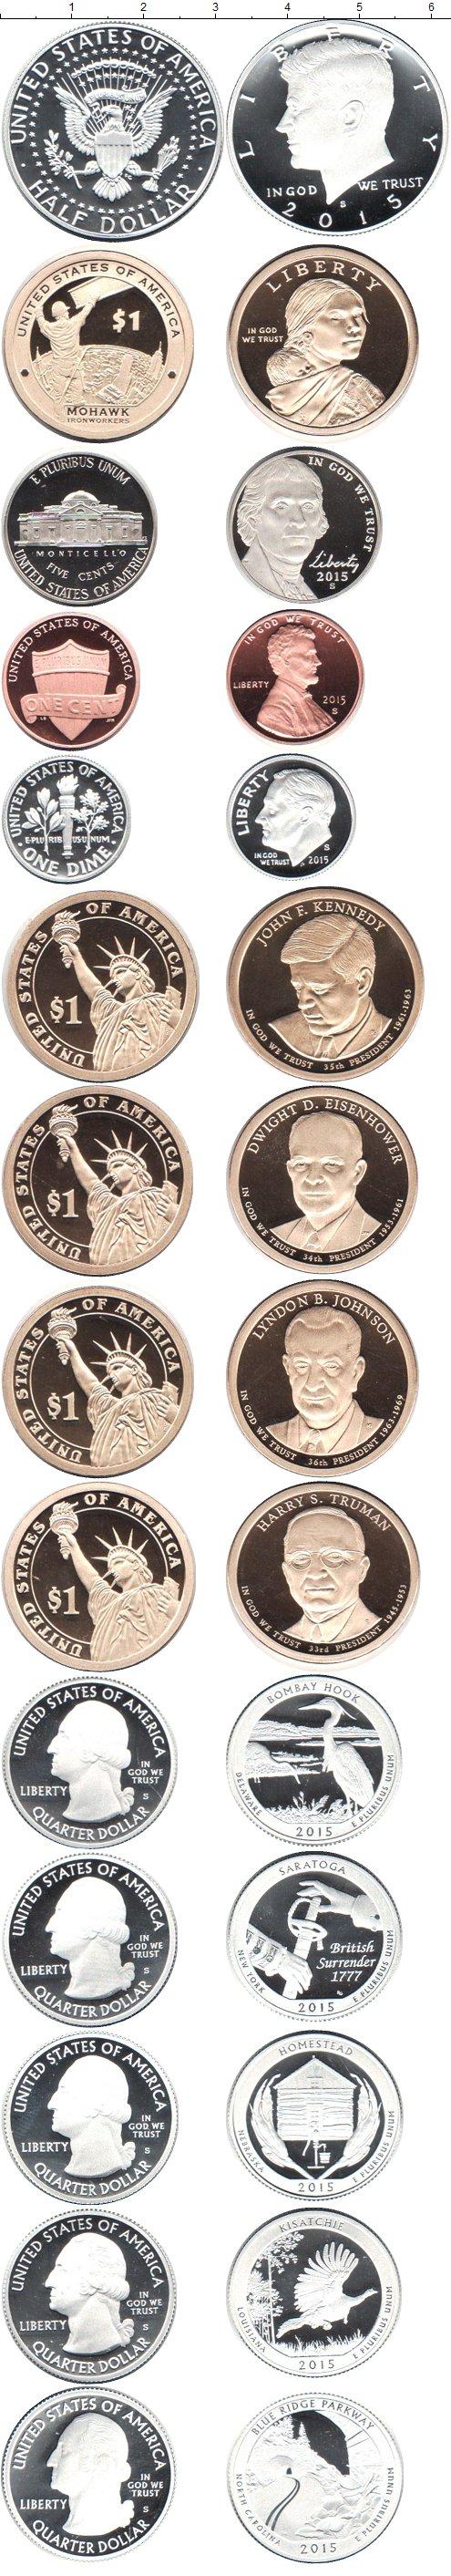 Картинка Подарочные наборы США Прекрасная Америка Серебро 2015